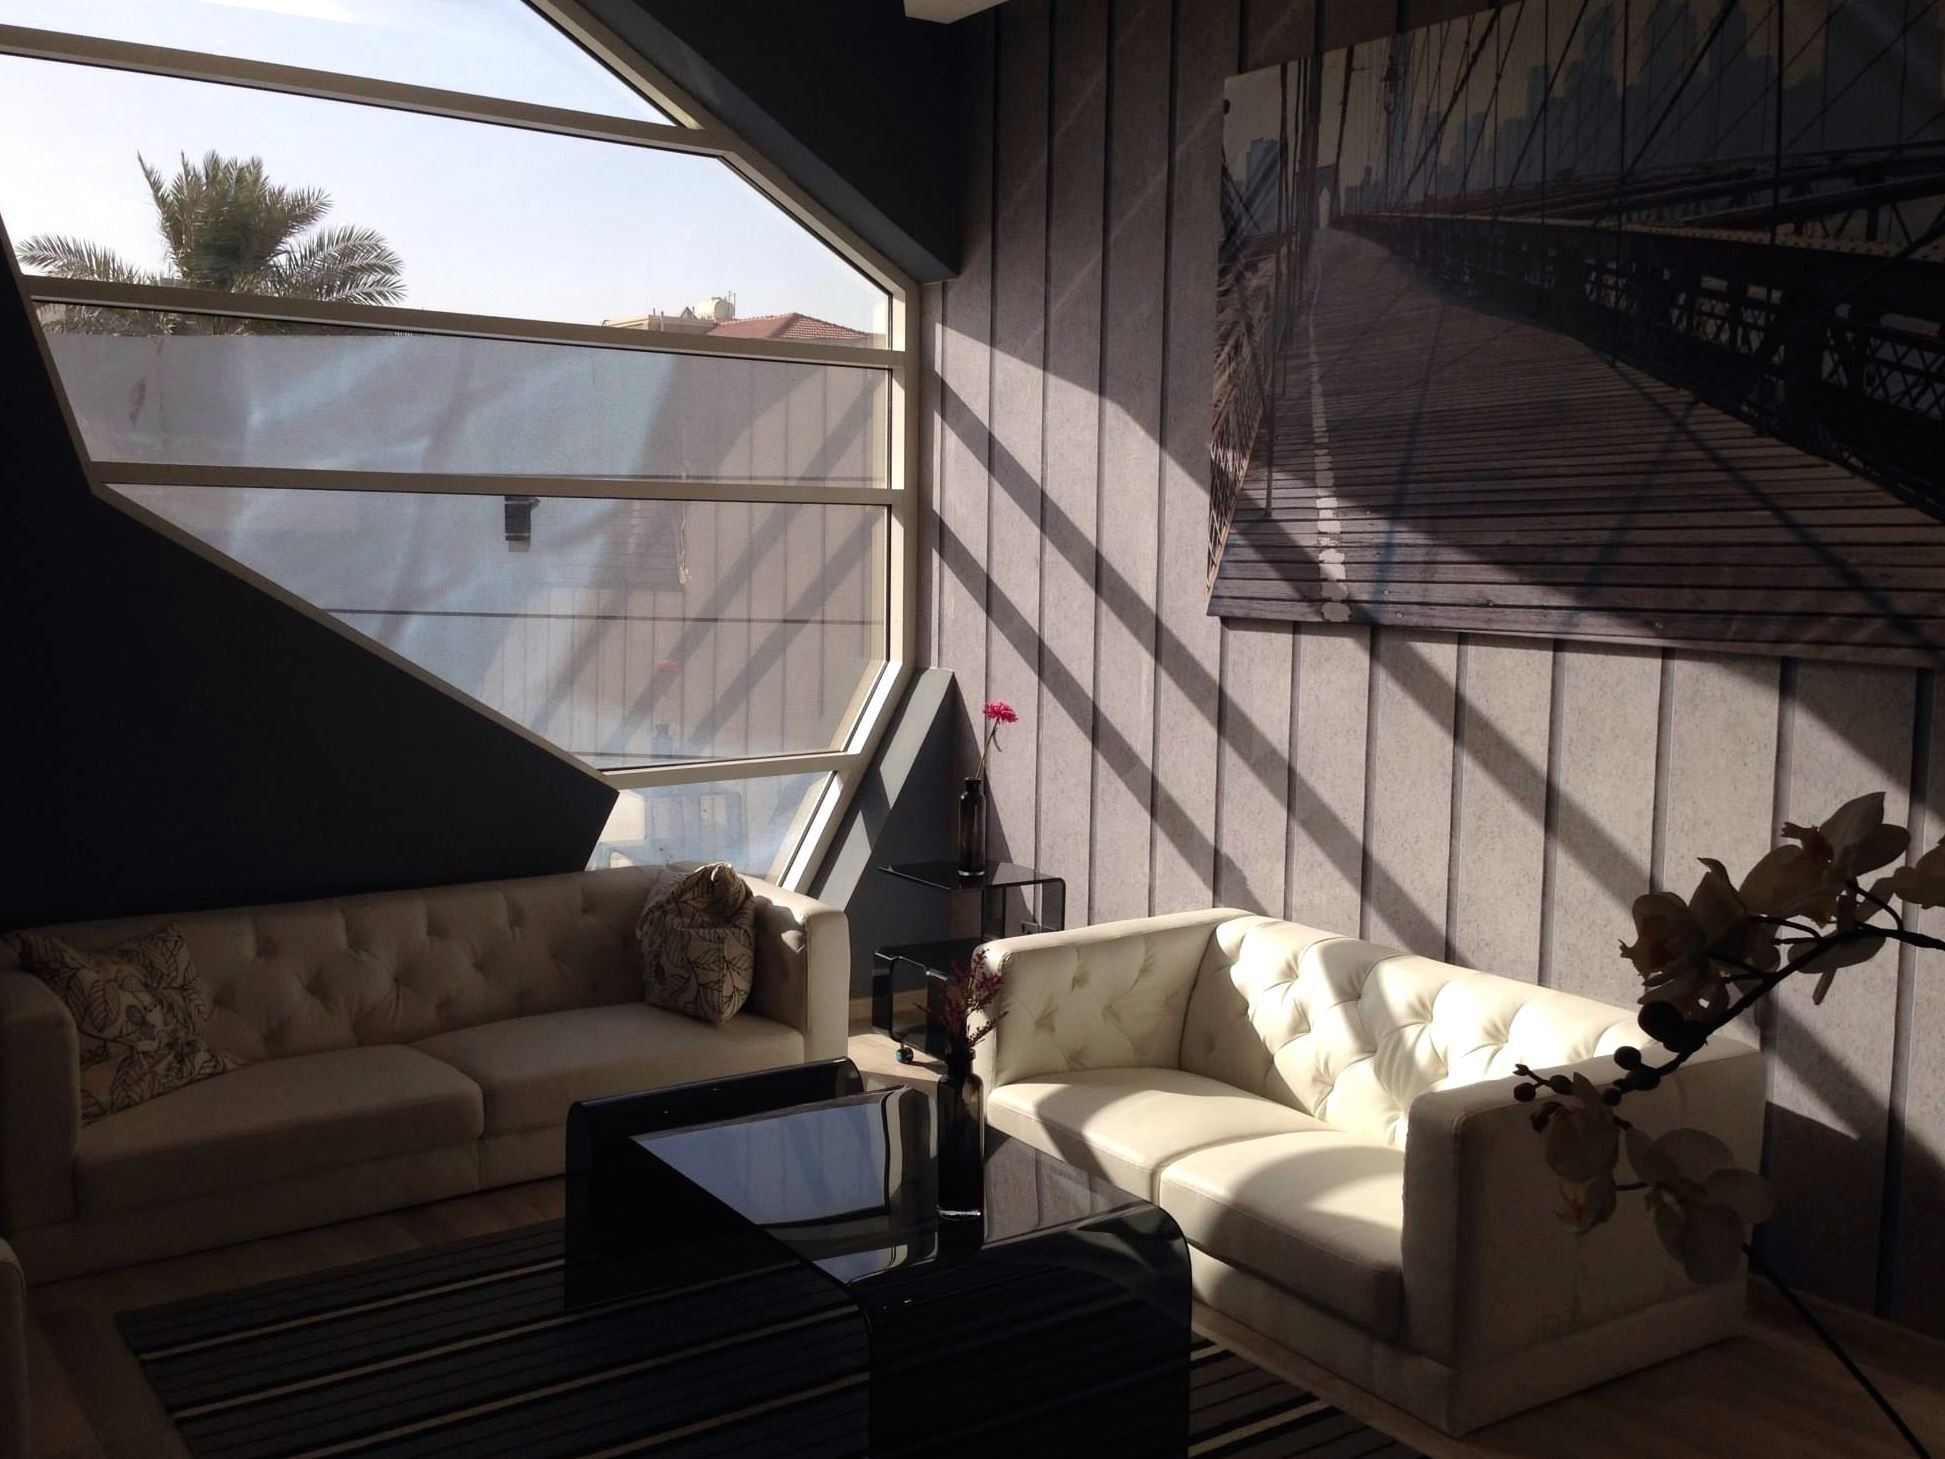 Kostenlose Bild: Architektur, gebäude, geschäft, stühle, tabelle ...